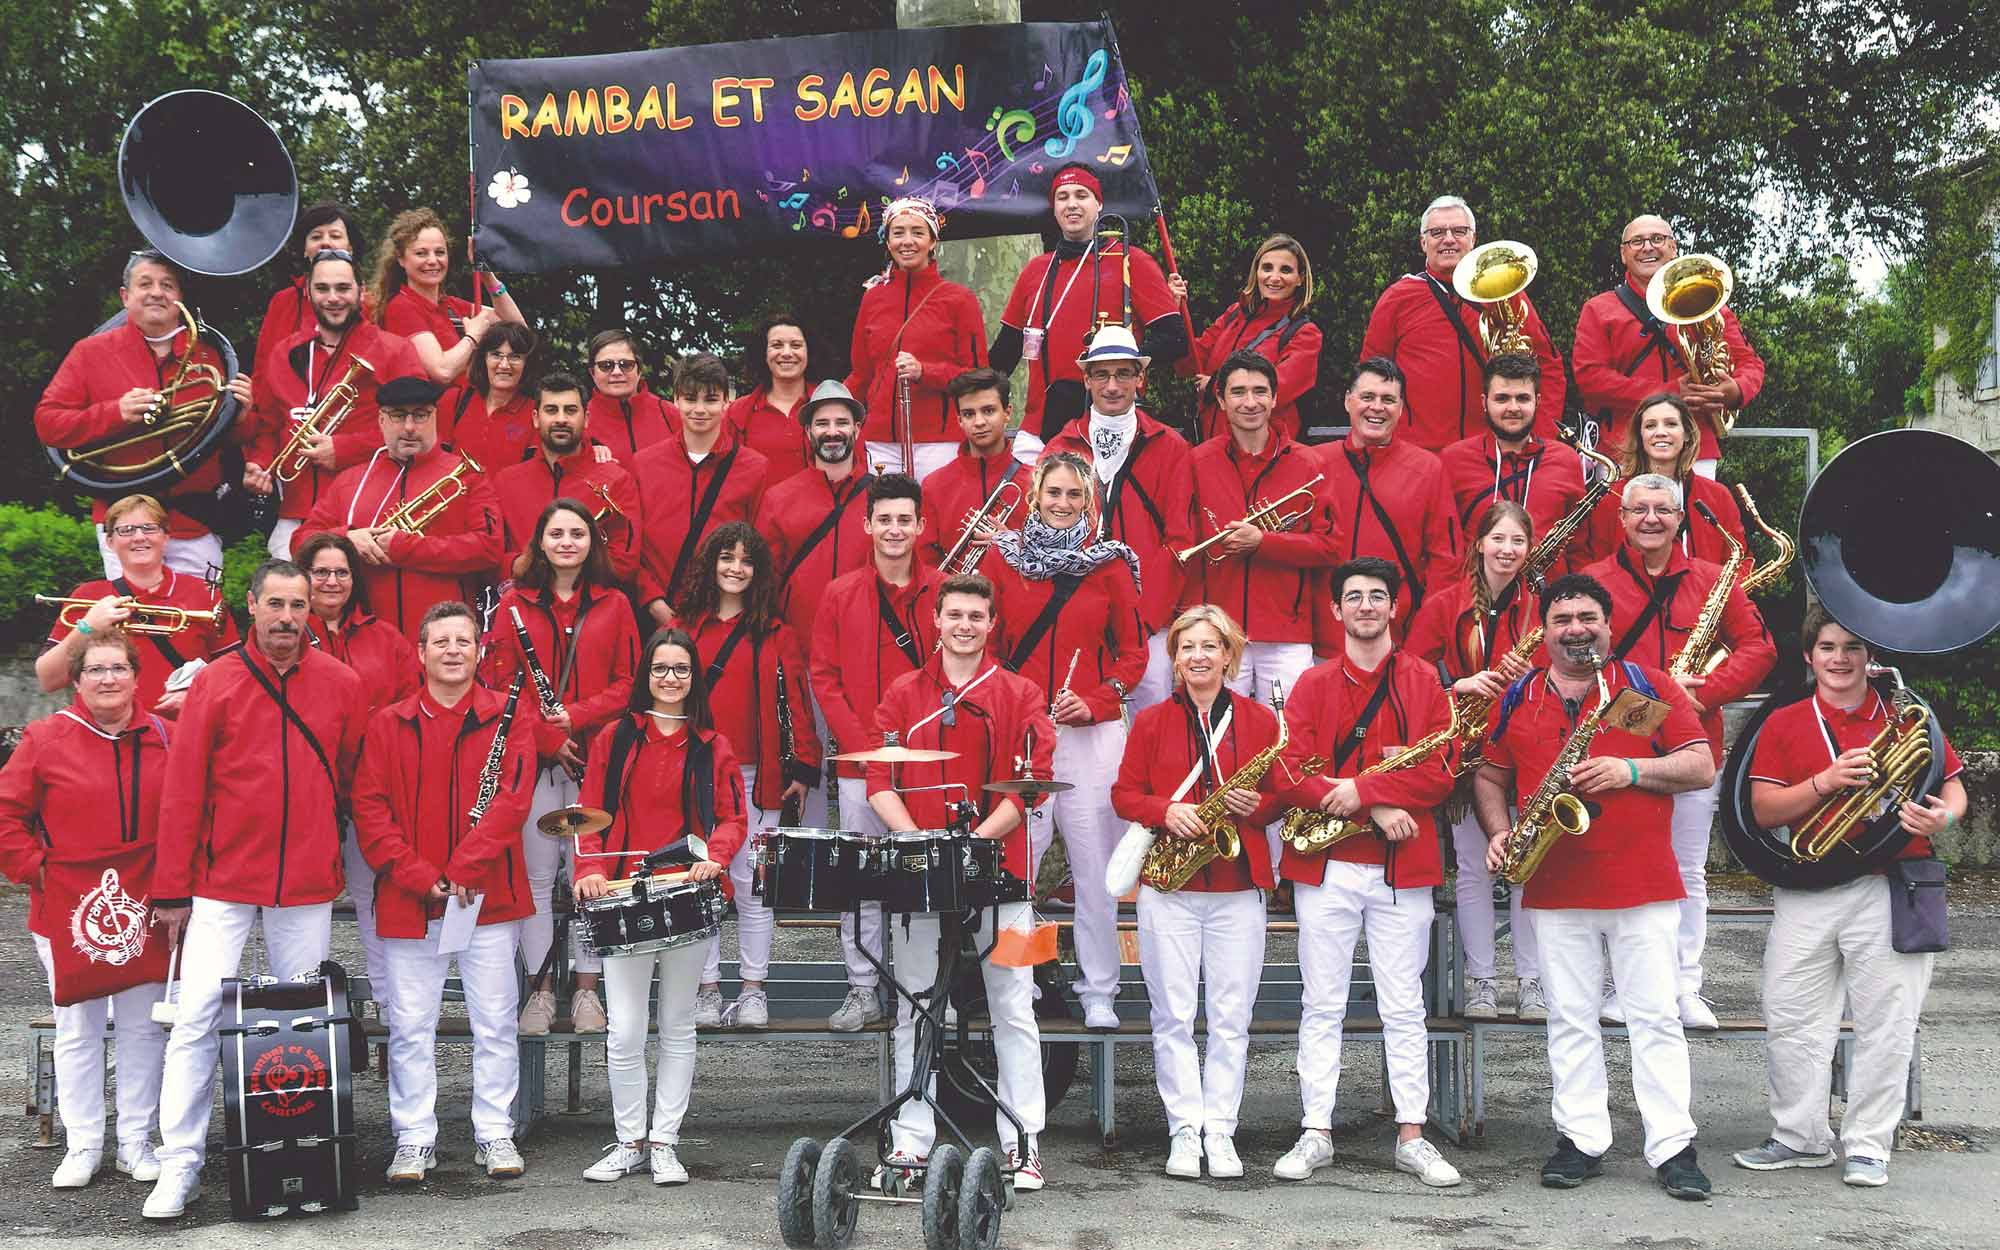 accueil banda Rambal et Sagan